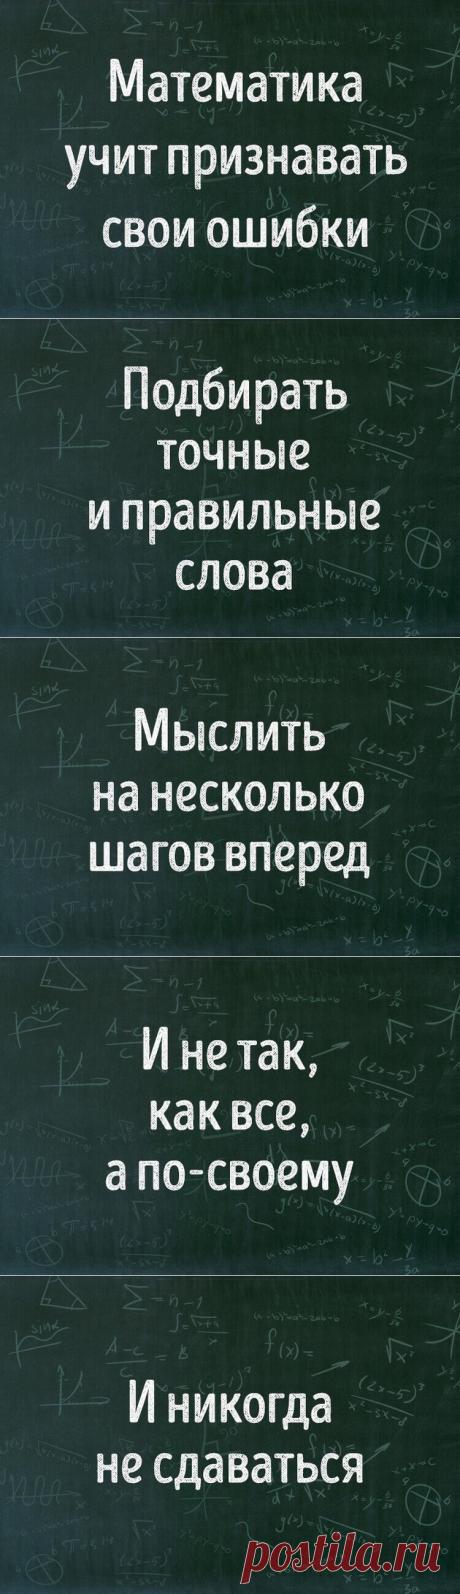 Гениальный ответ учителя на вечный вопрос всех школьников мира